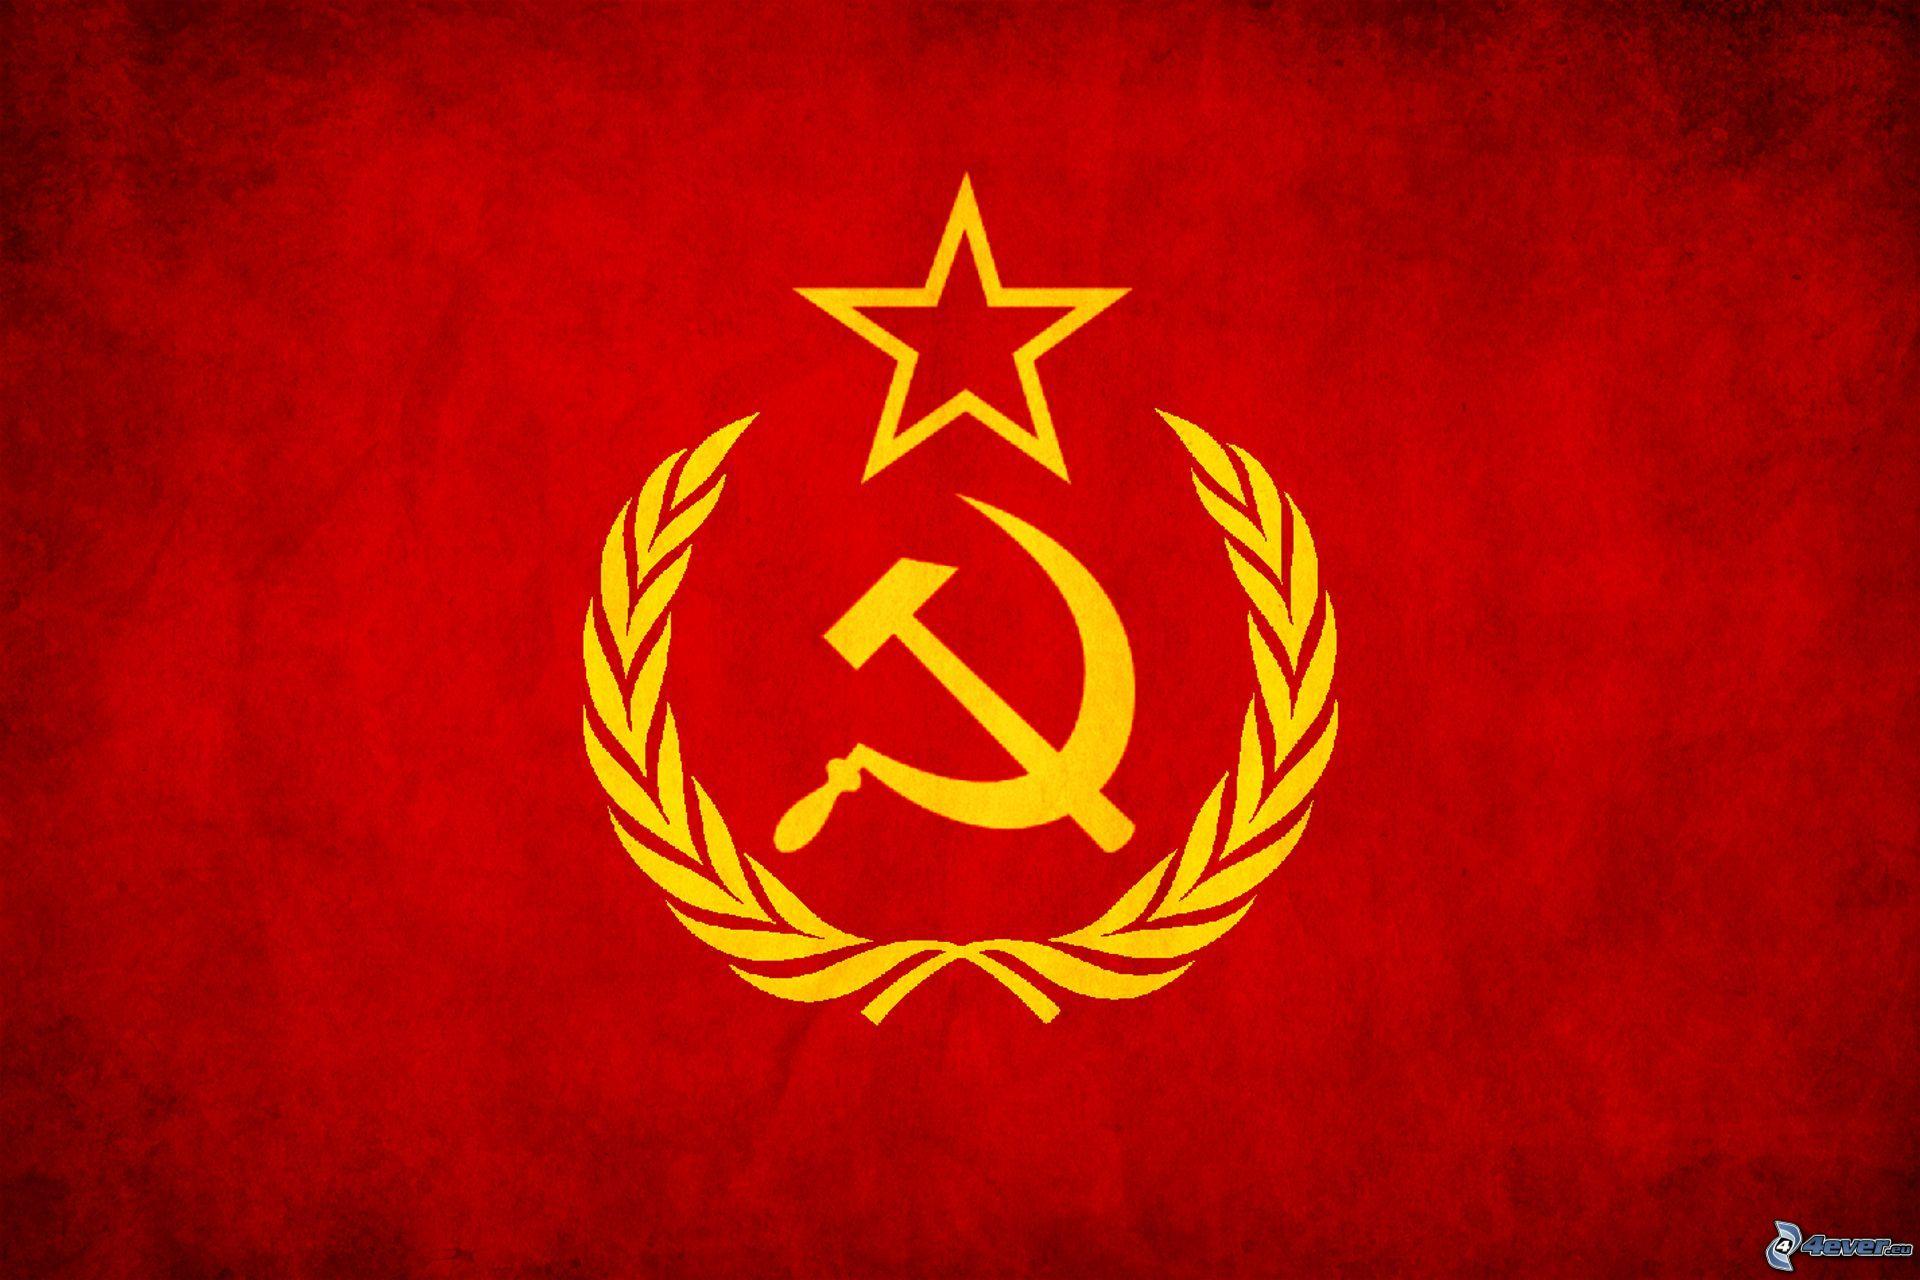 barbara berlusconi prenderà il comando Falce%20e%20martello,%20stella,%20socialismo,%20il%20comunismo%20149351